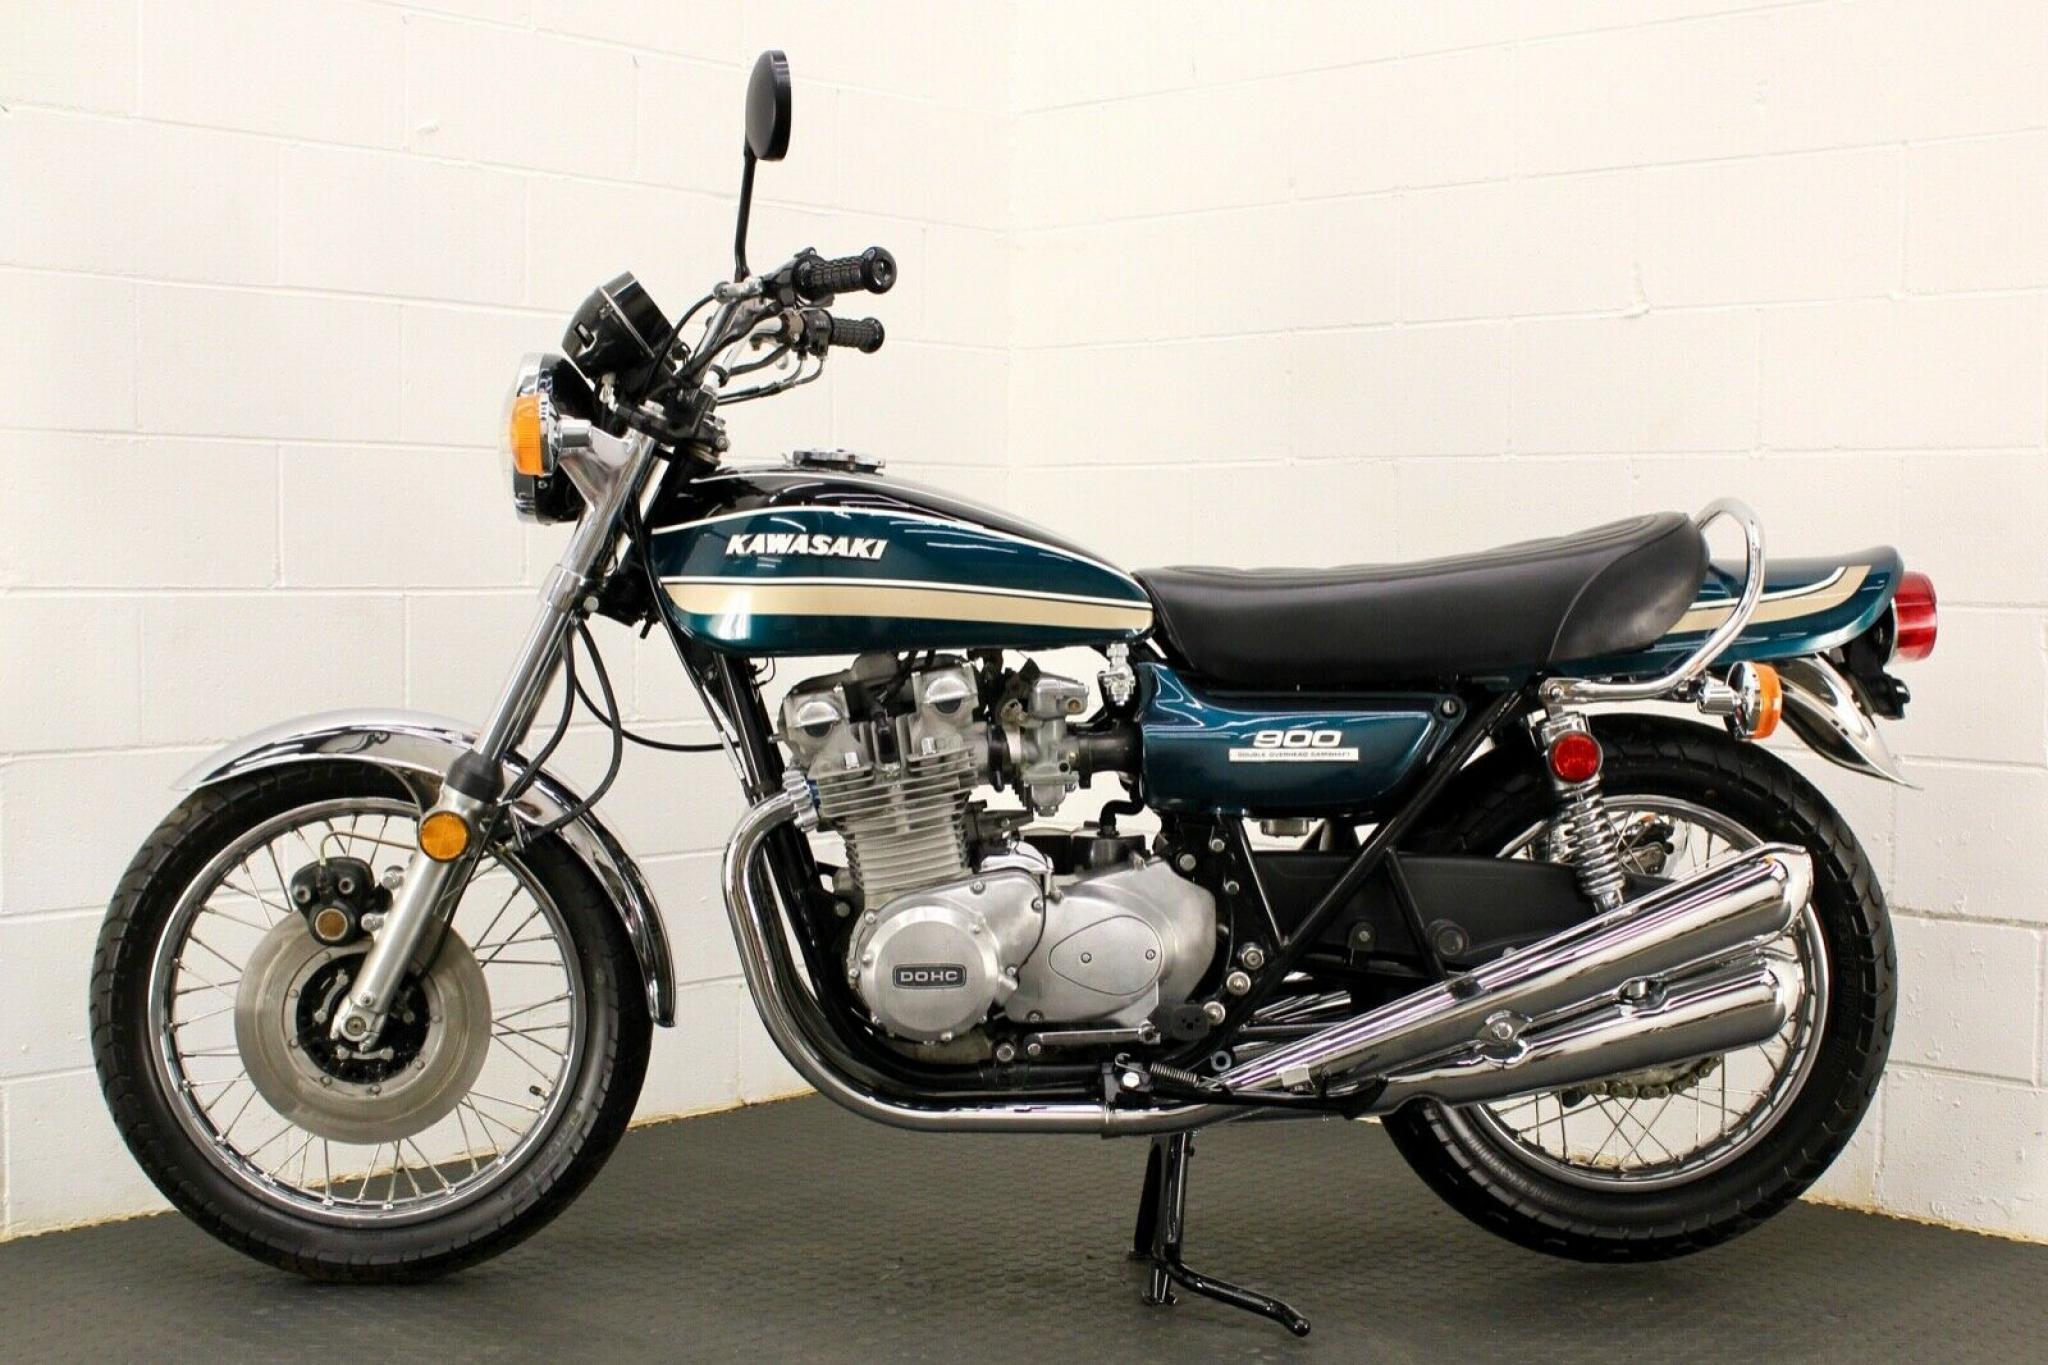 カワサキ 1974 Kawasaki Z1 A 900 車体写真2